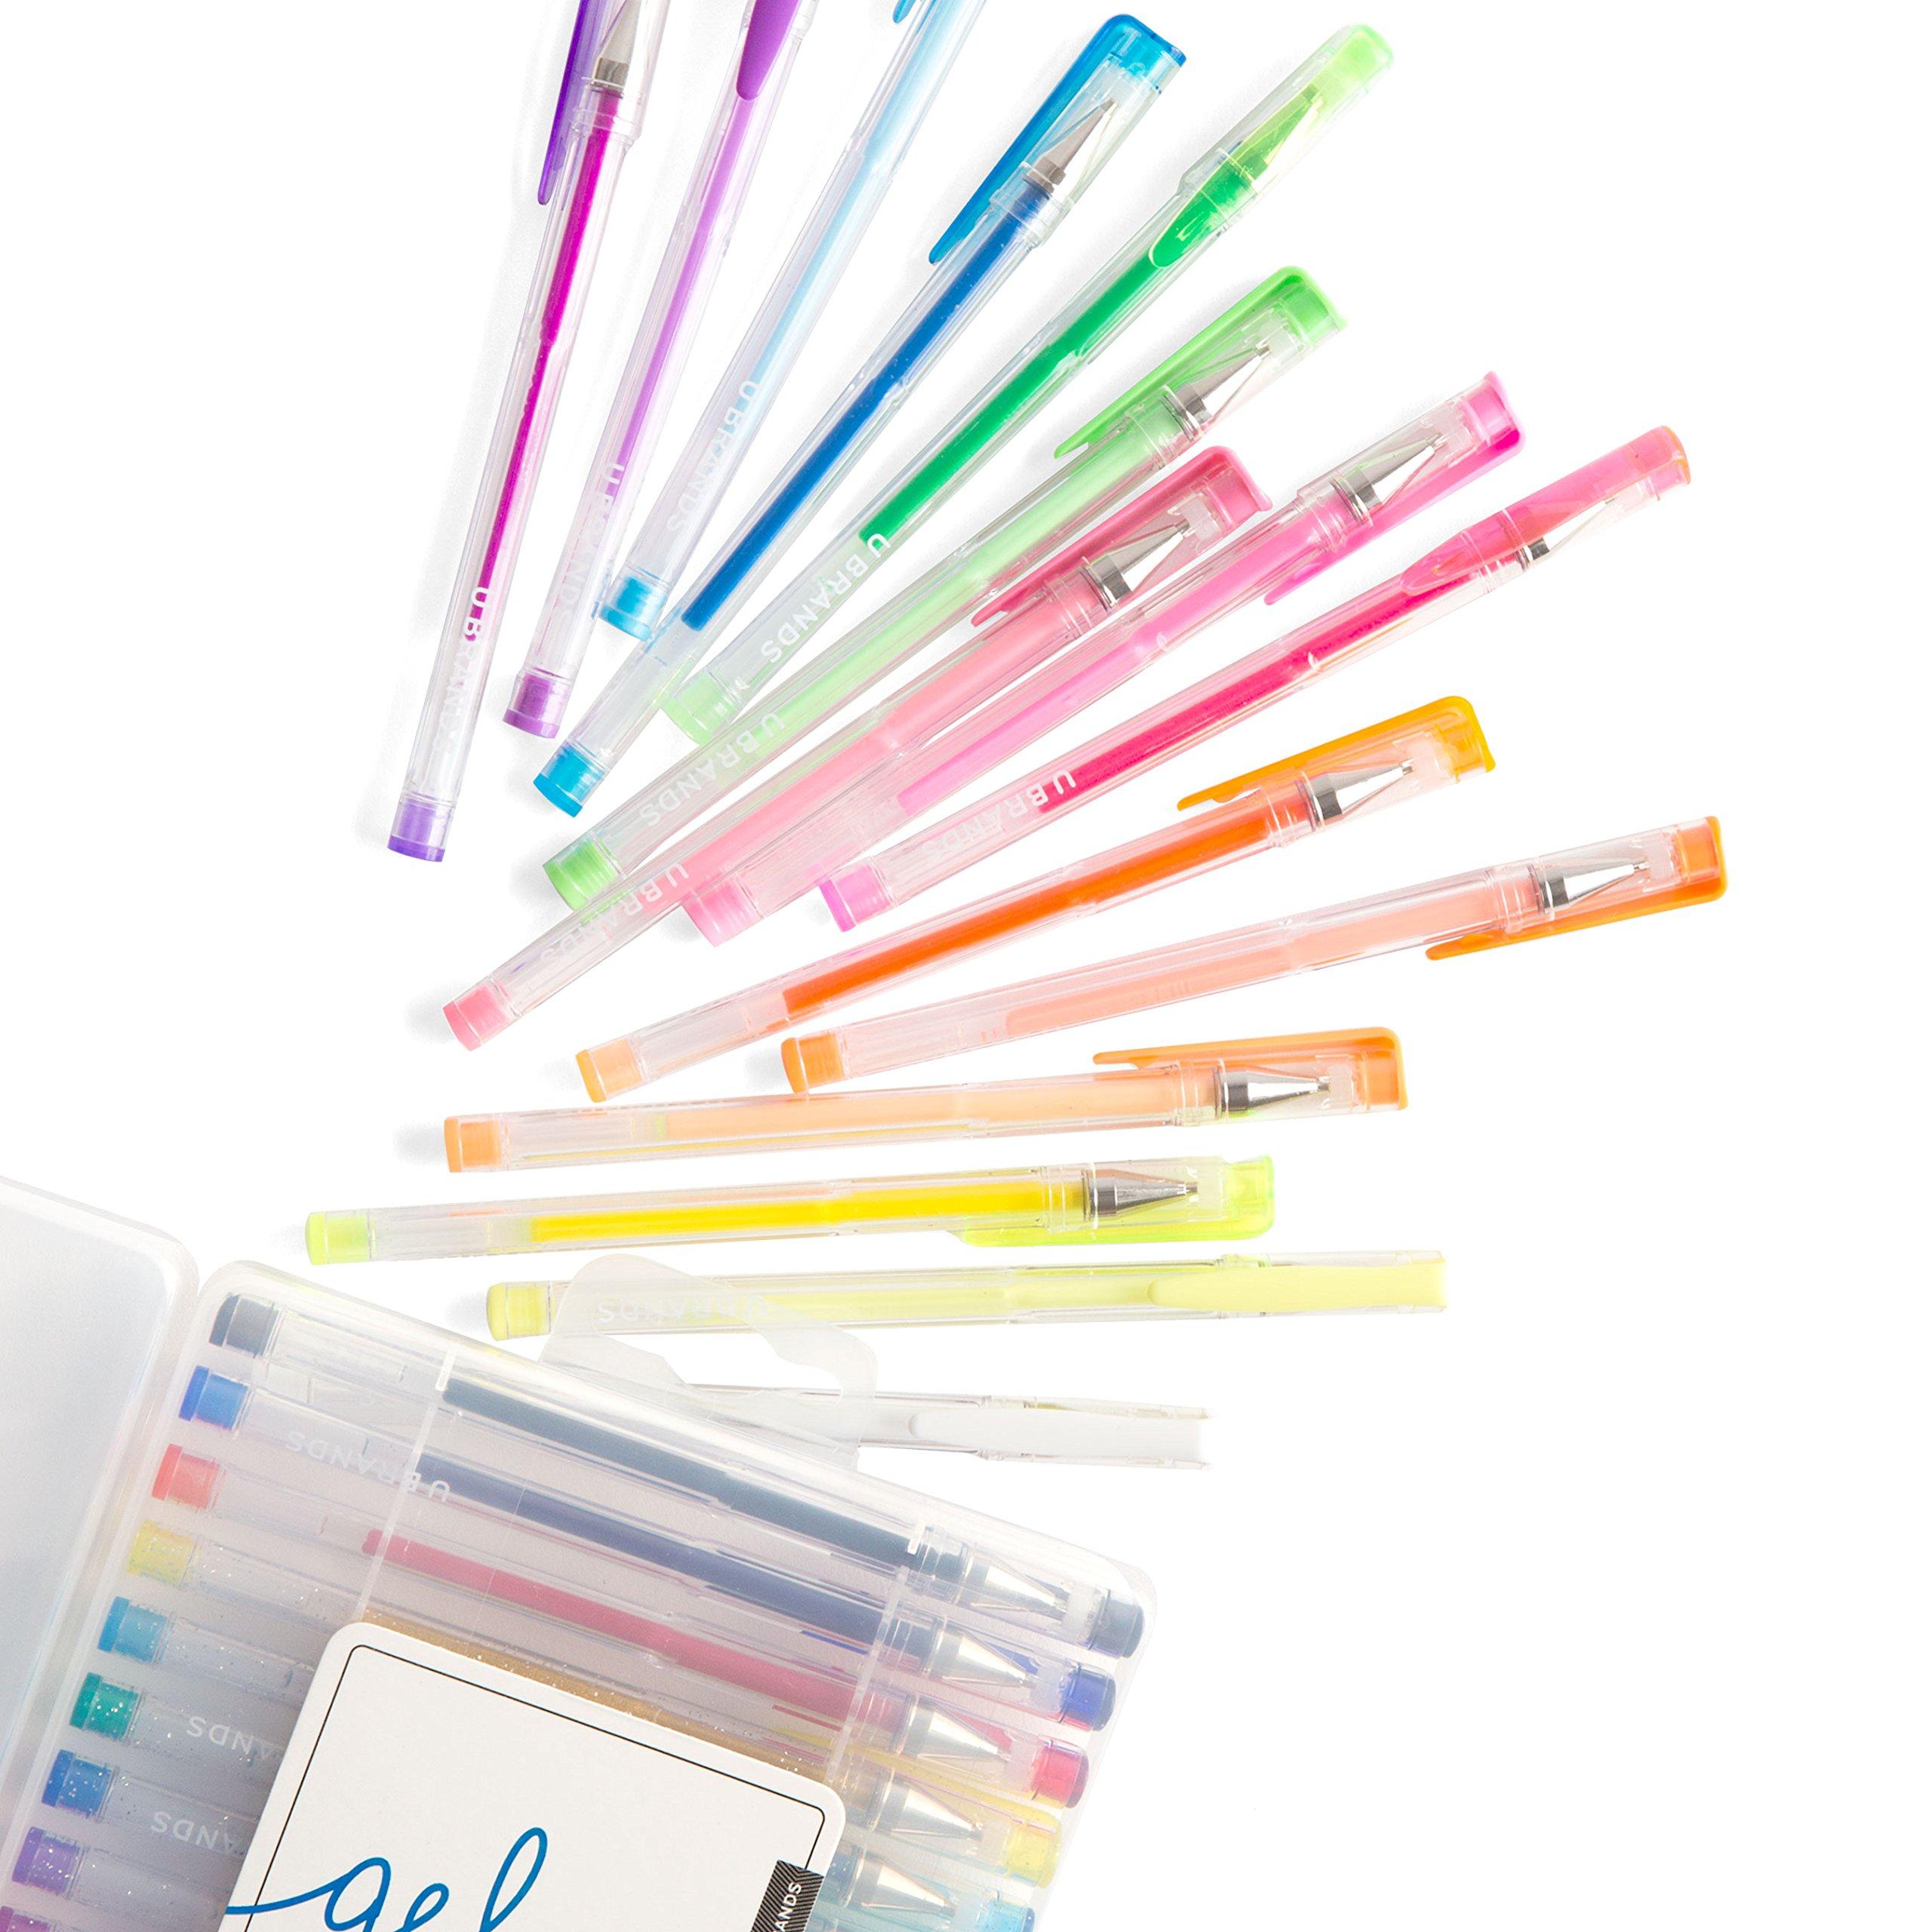 30 x U Brands Metallic Gel Pens, Assorted Colors